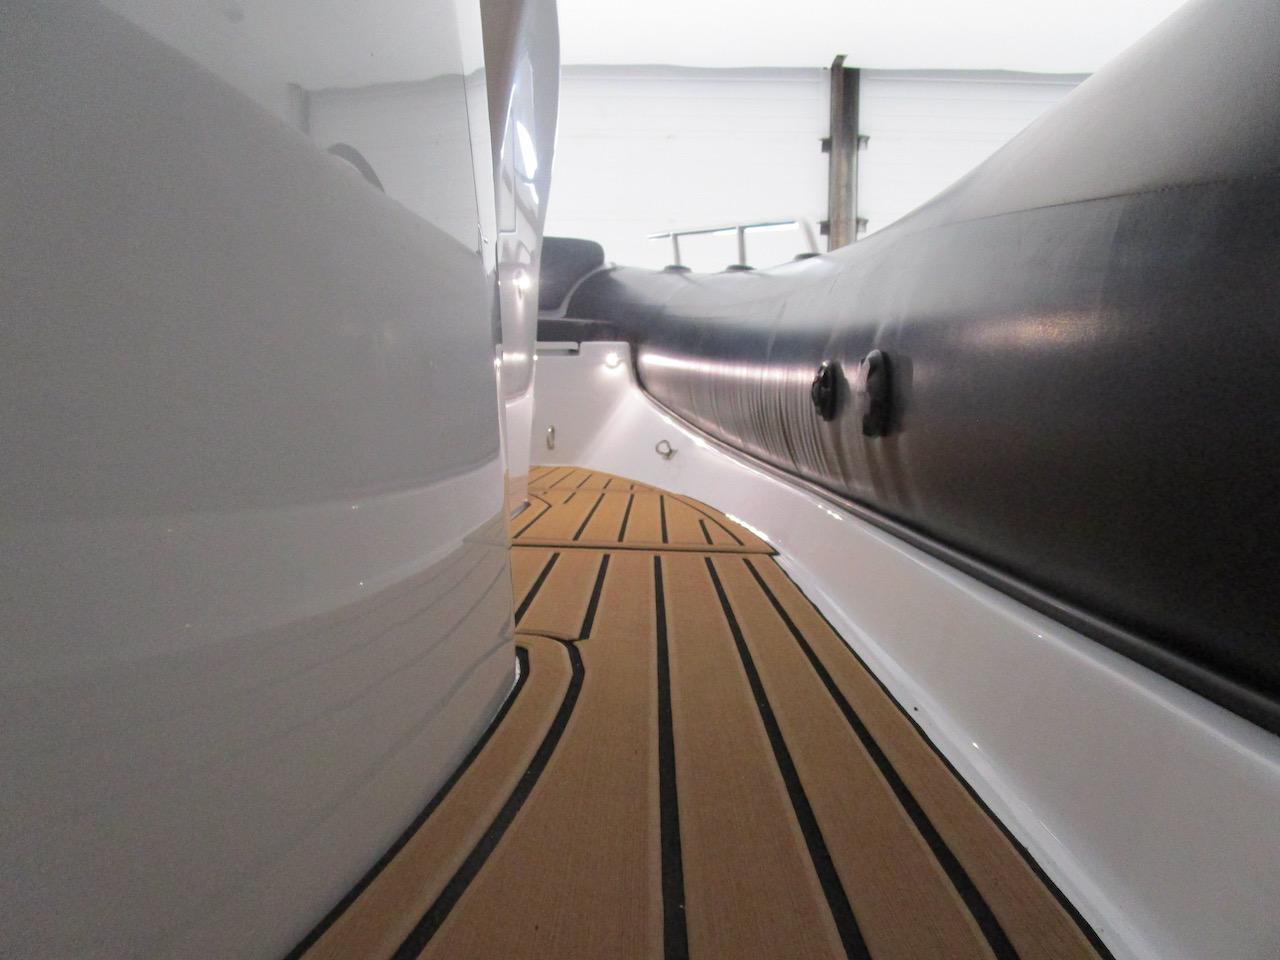 G650 wide side decks and SeaDek floor